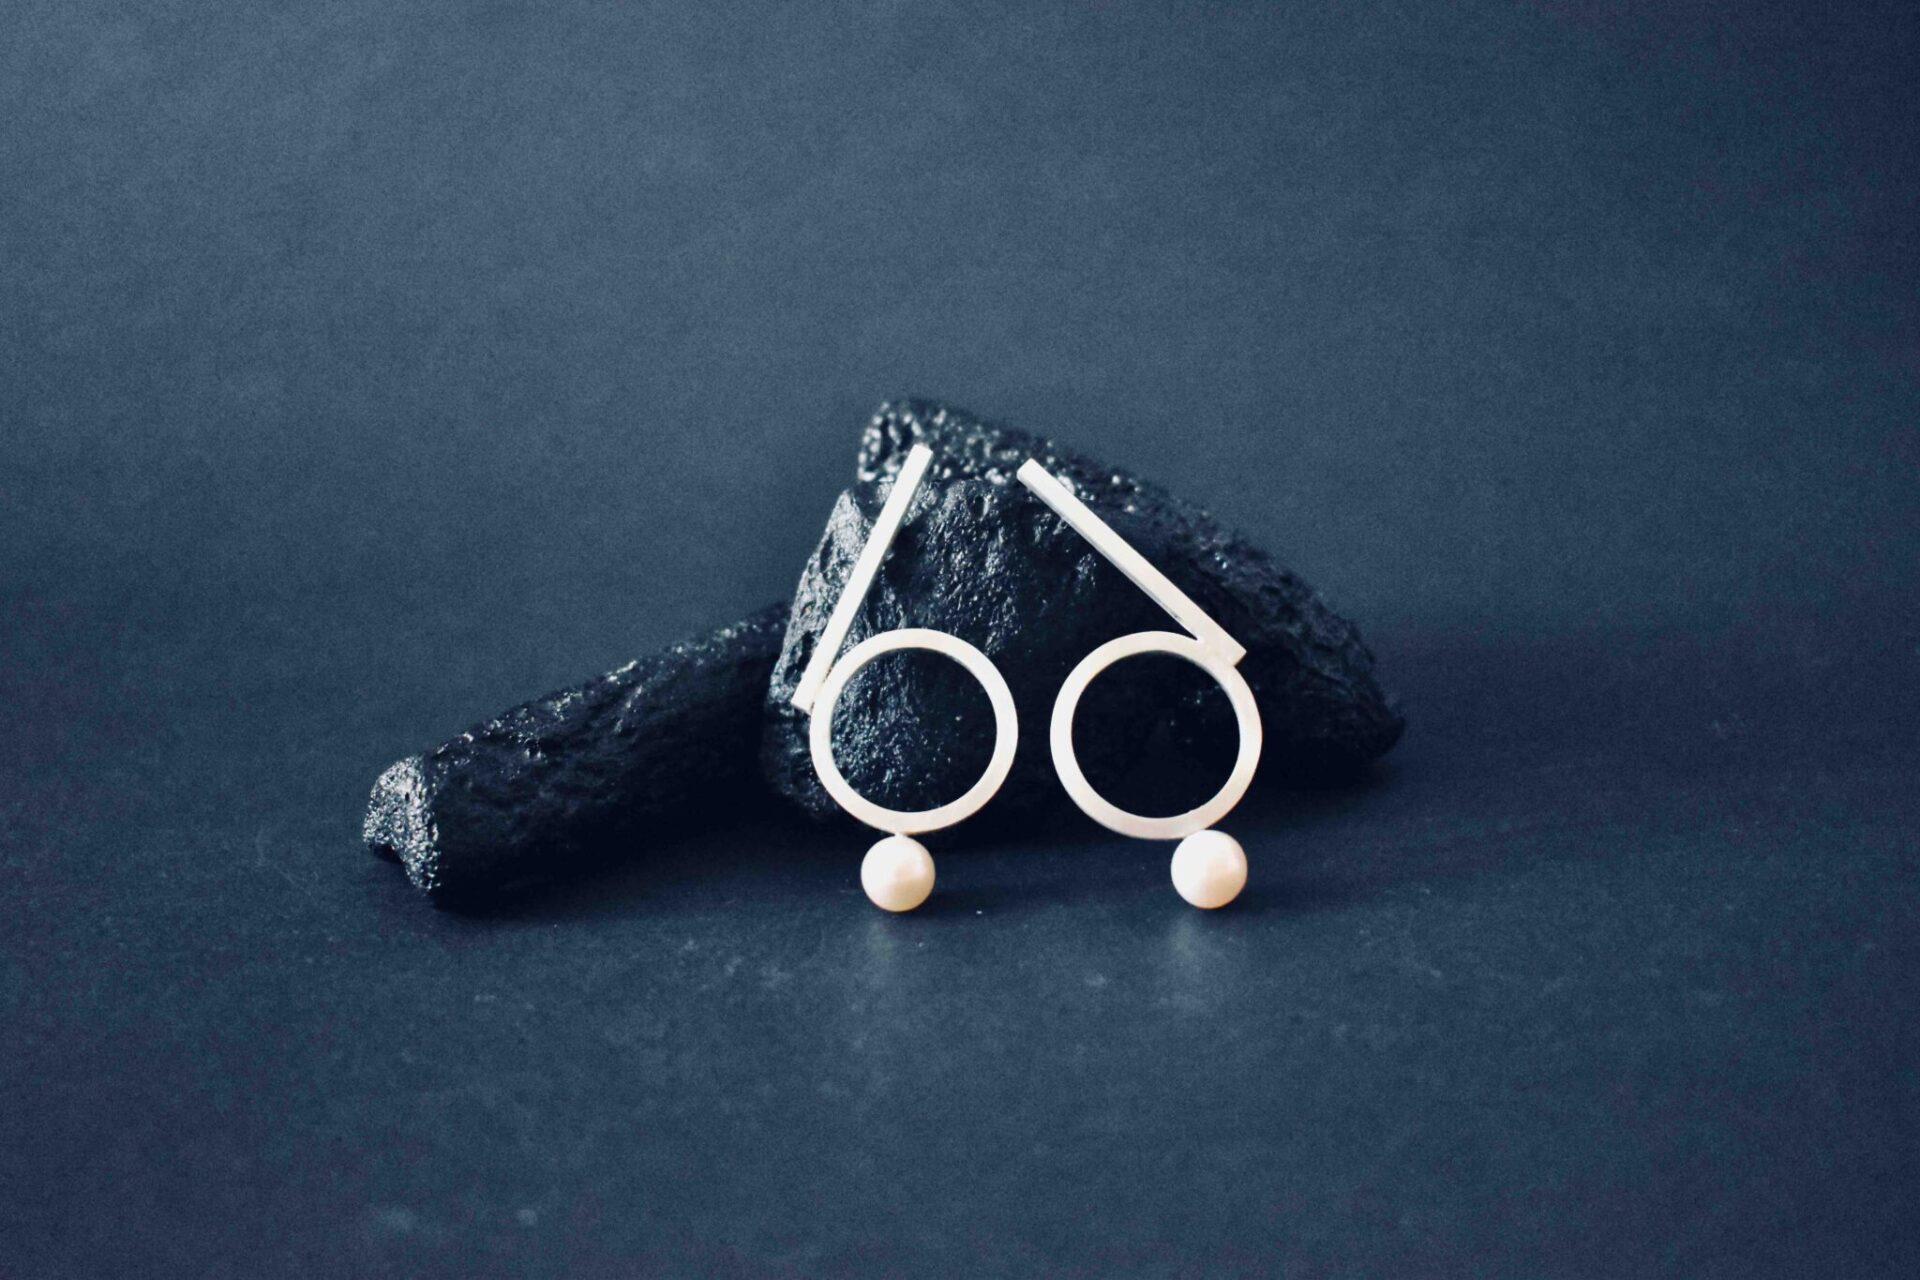 66 Pearl Earrings By Doramenda